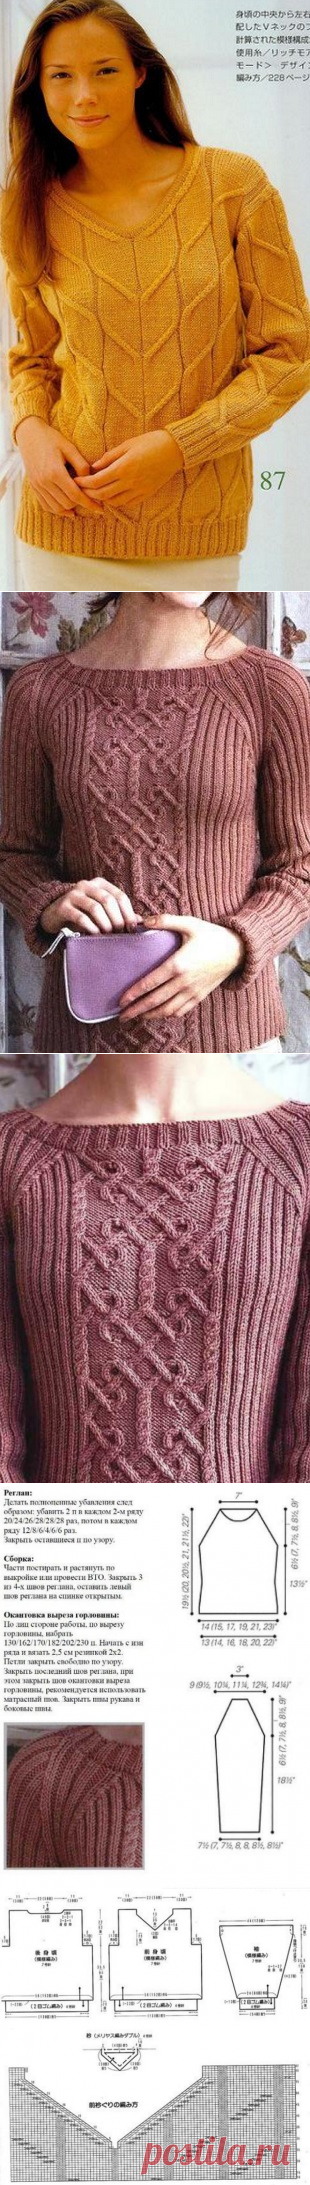 Мастера и умники: 2 пуловера с красивыми аранами + схемы